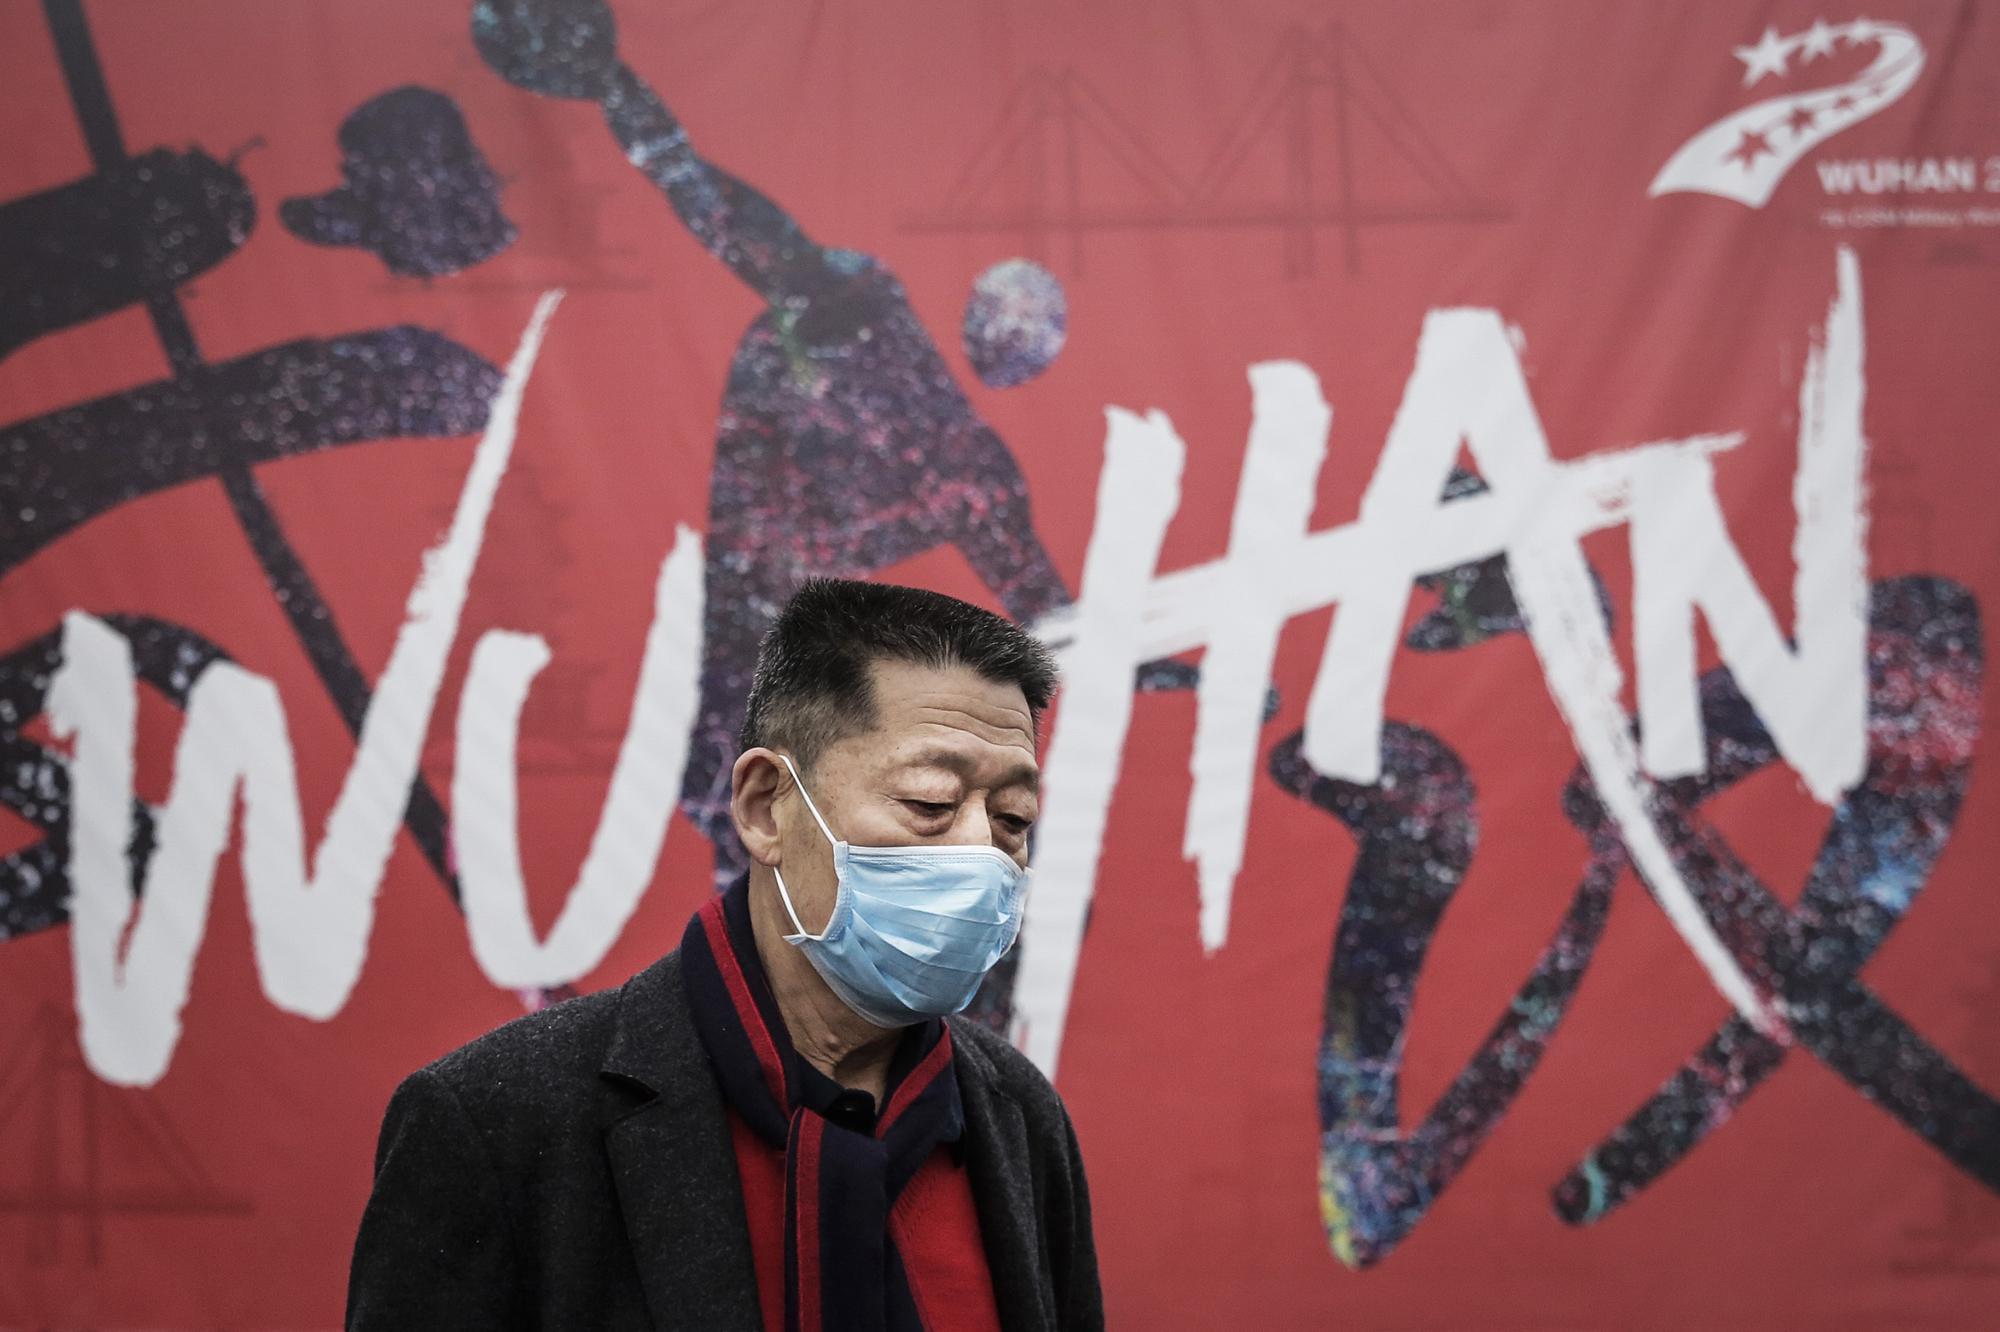 Một người dân tại Vũ Hán, Trung Quốc. Ảnh: STRINGER / GETTY IMAGES.